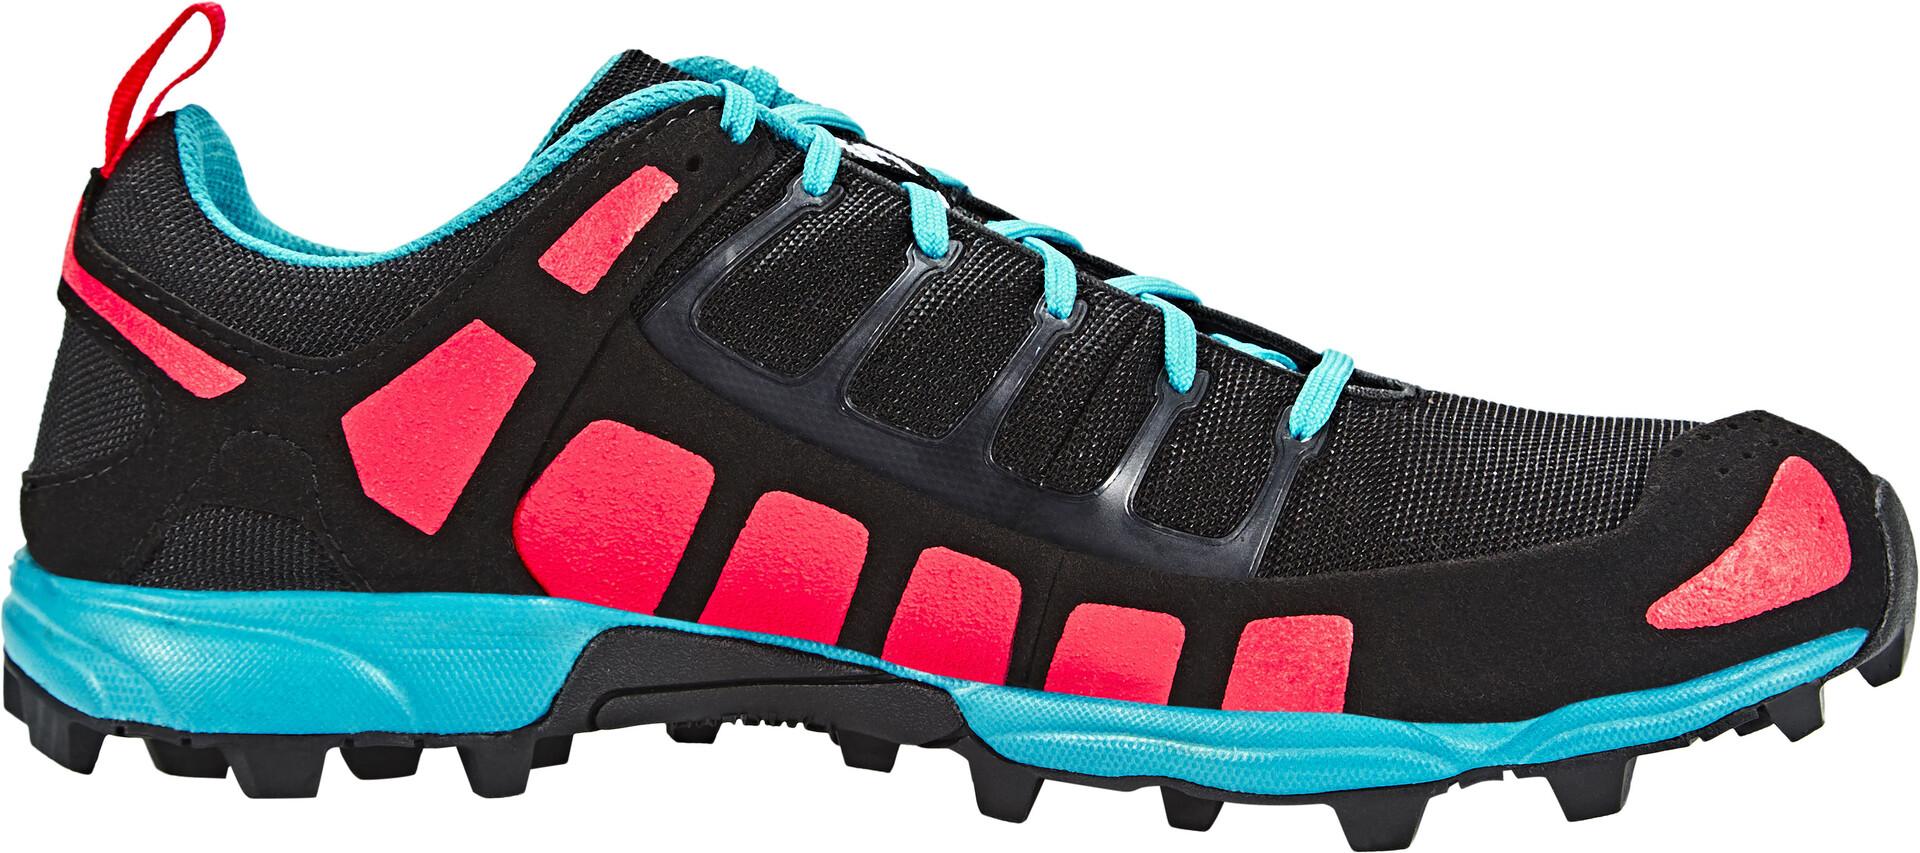 Talon Chaussures sur running inov 212 8 noirturquoise Femme X SqnwnxFC7B